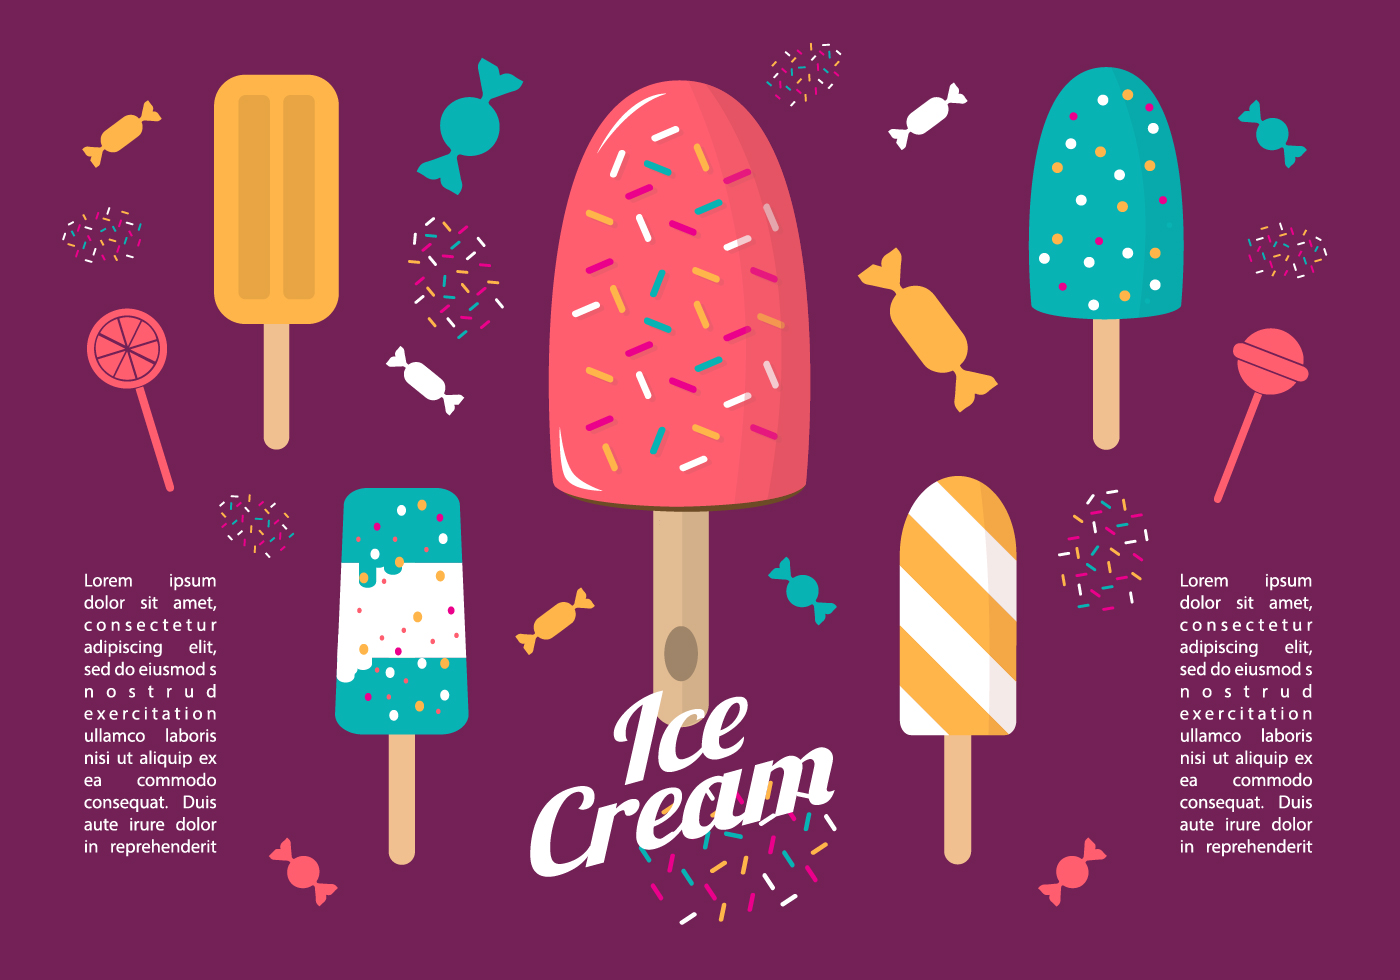 冰淇淋圖片 免費下載 | 天天瘋後製